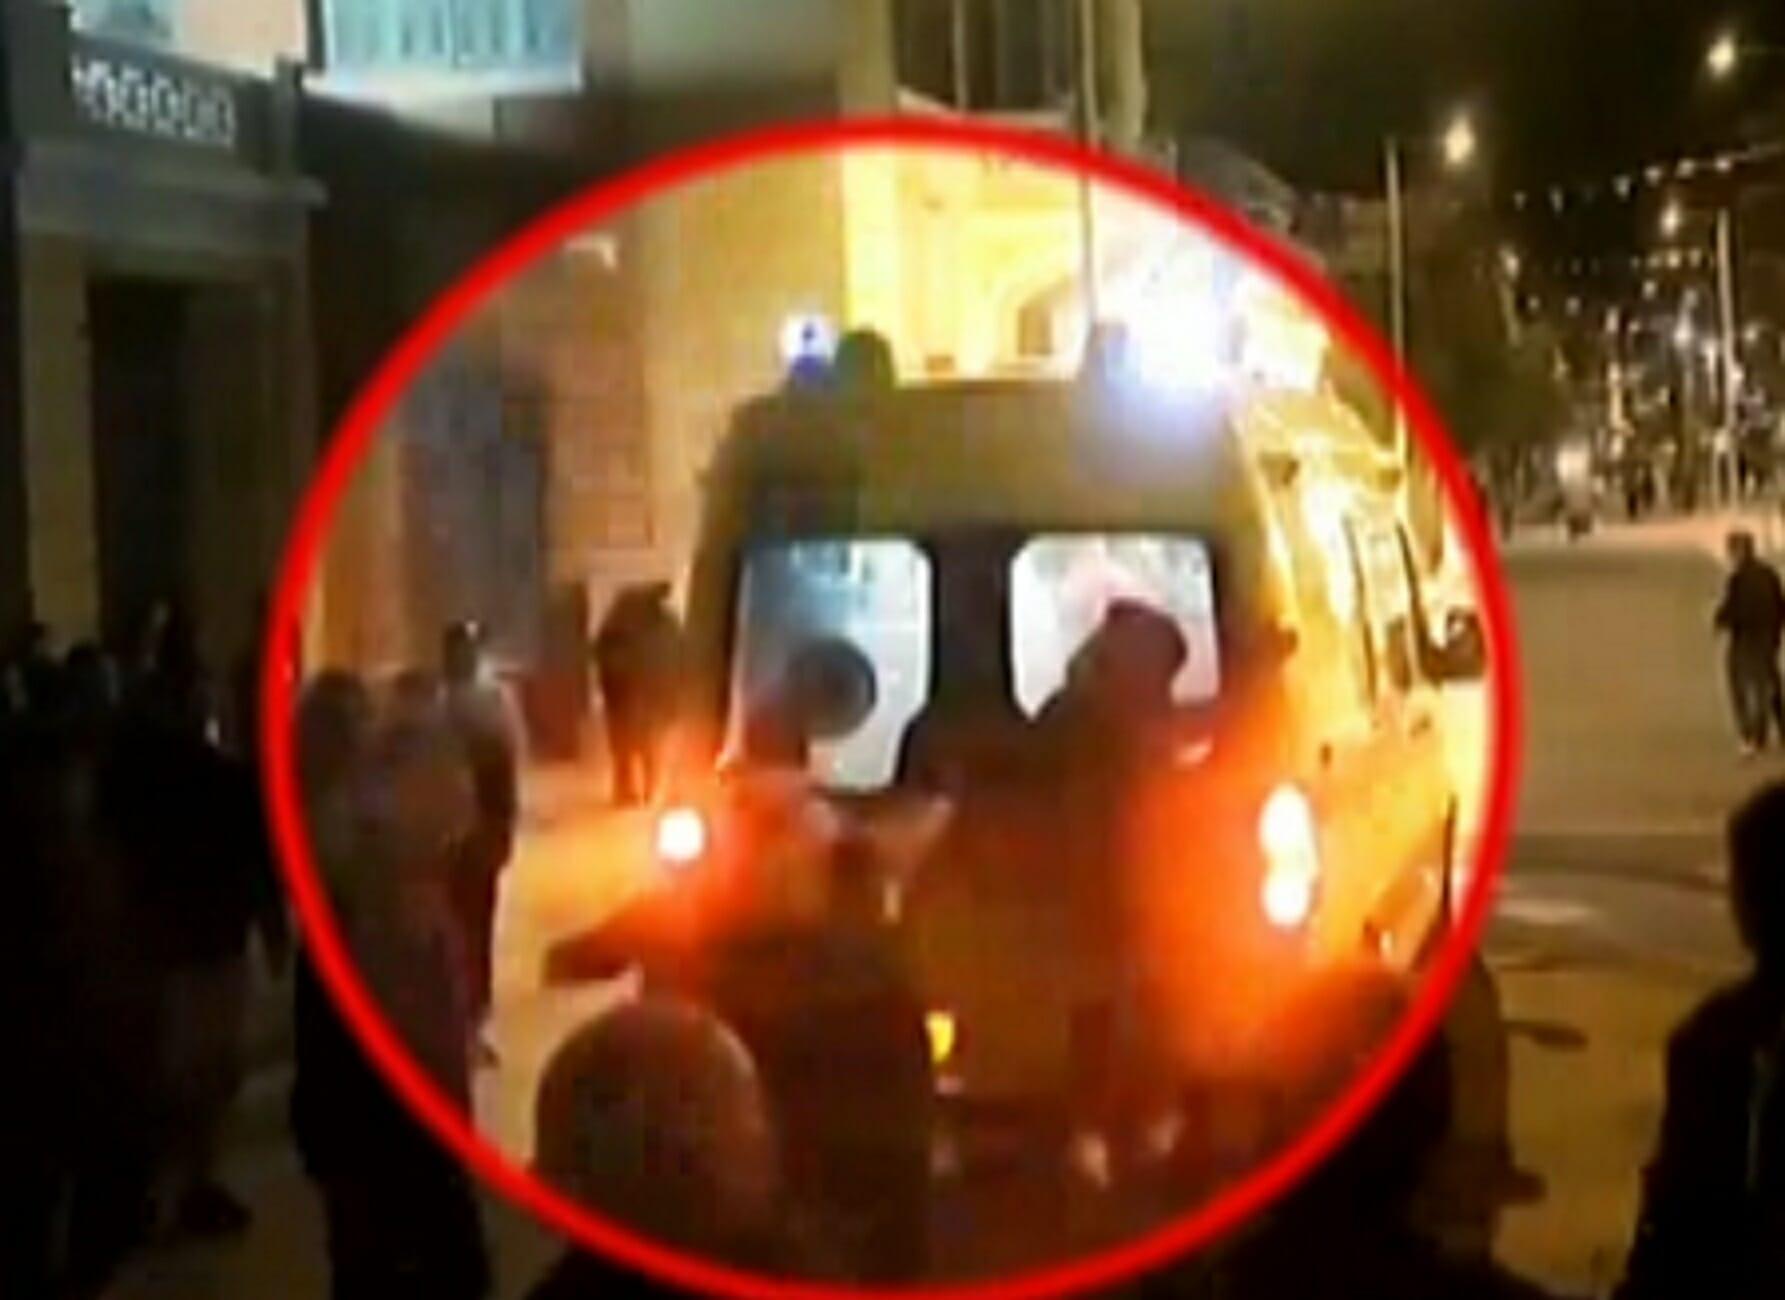 Ηράκλειο: Η στιγμή της επίθεσης σε ασθενοφόρο του ΕΚΑΒ! Σακάτεψαν στο ξύλο διασώστη (Βίντεο ντοκουμέντο)